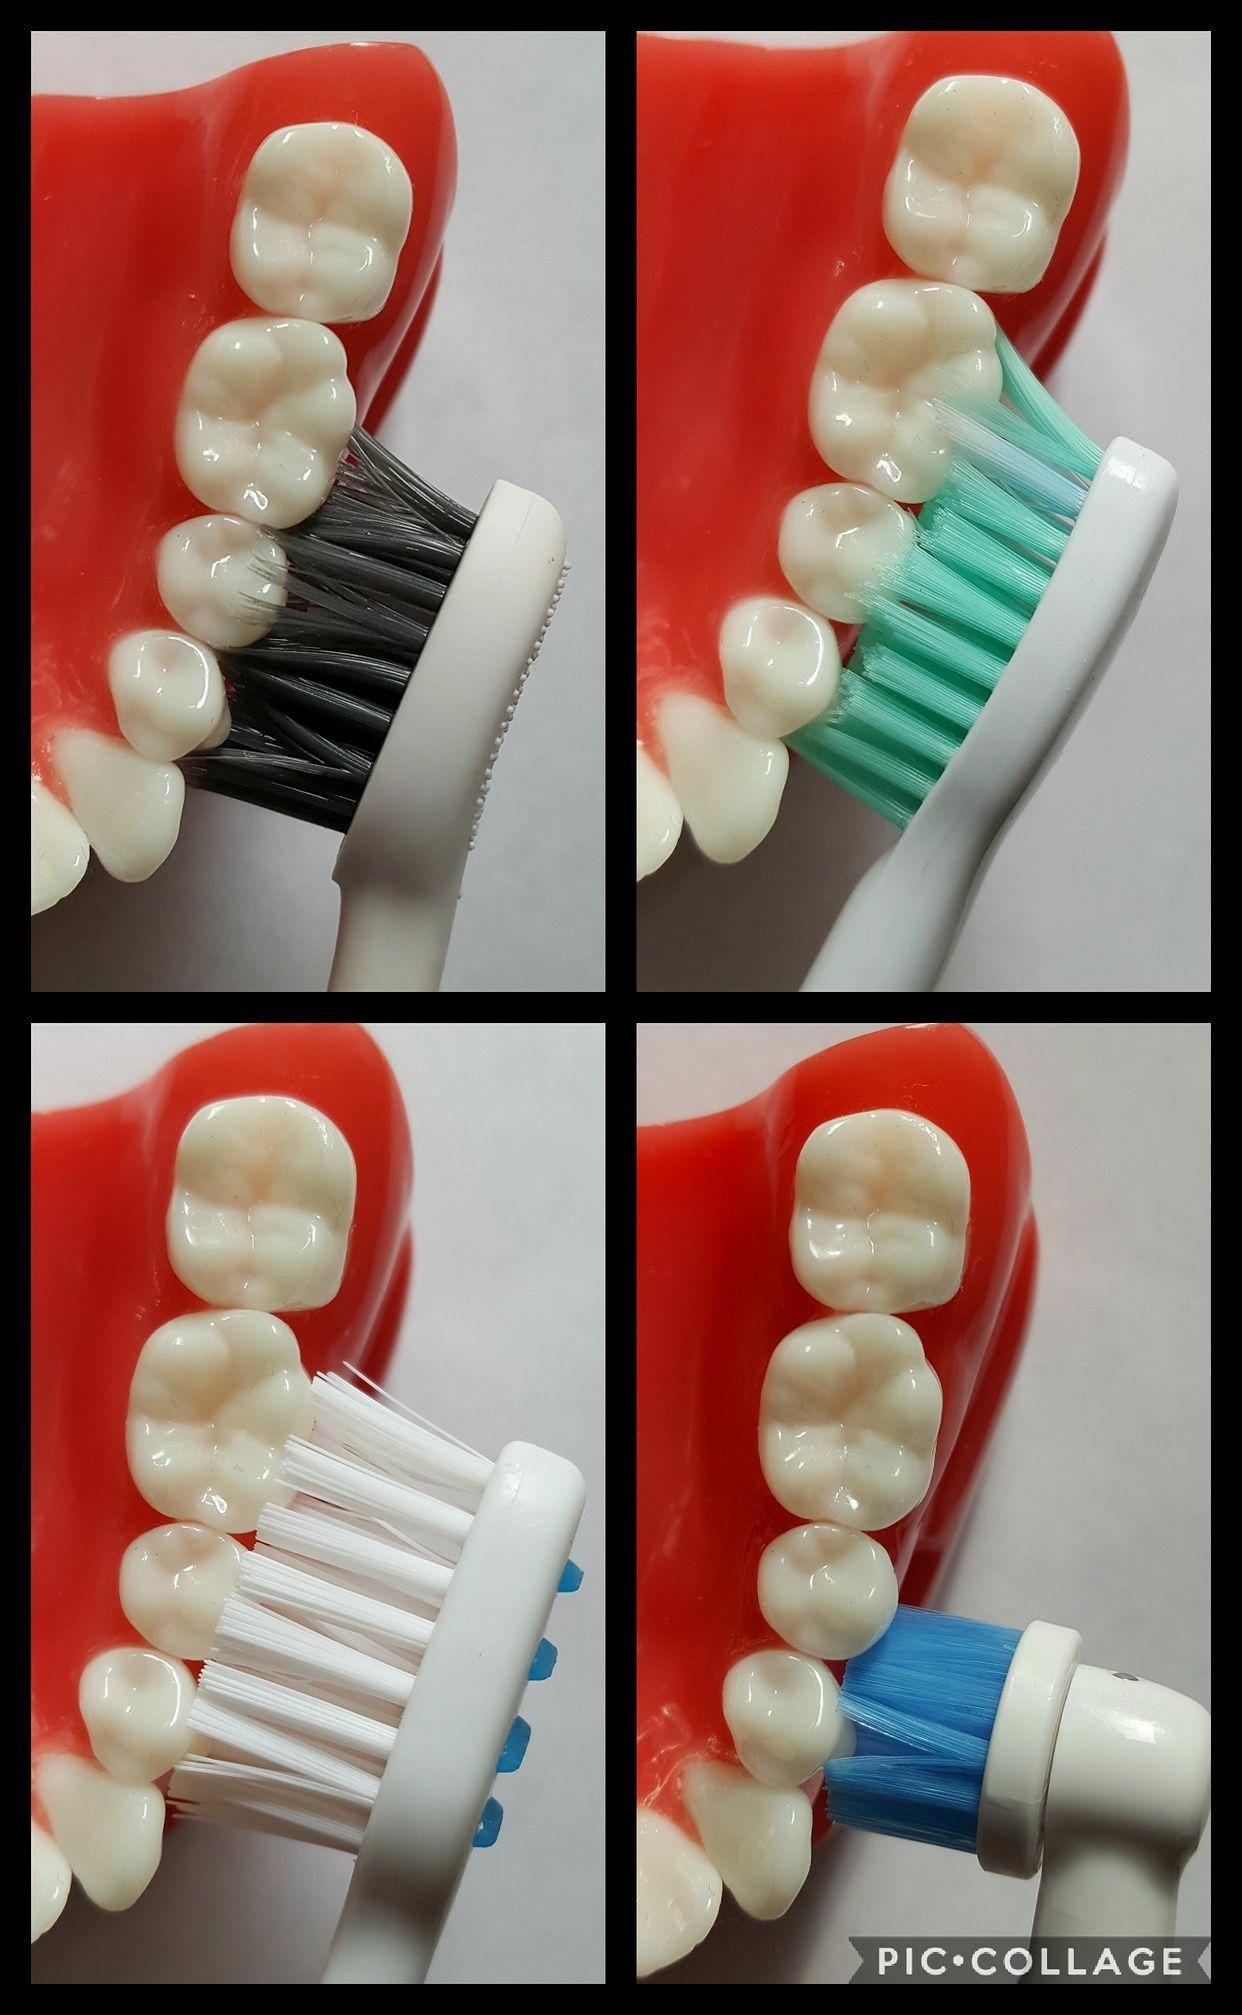 Pin on Burst Sonic Toothbrush